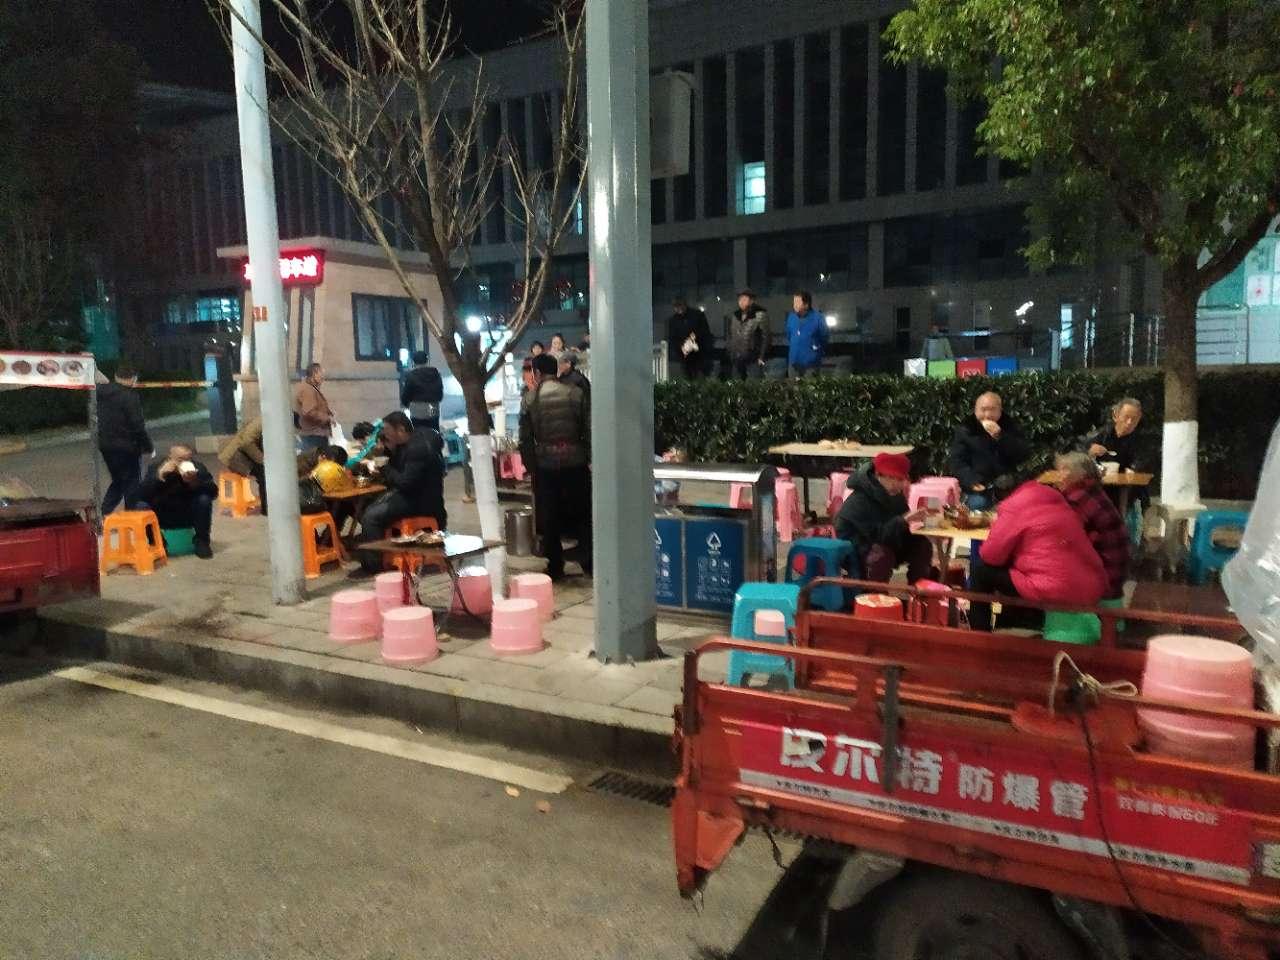 梁平区医院急诊外面人行道被占领,人只能走救护车通道